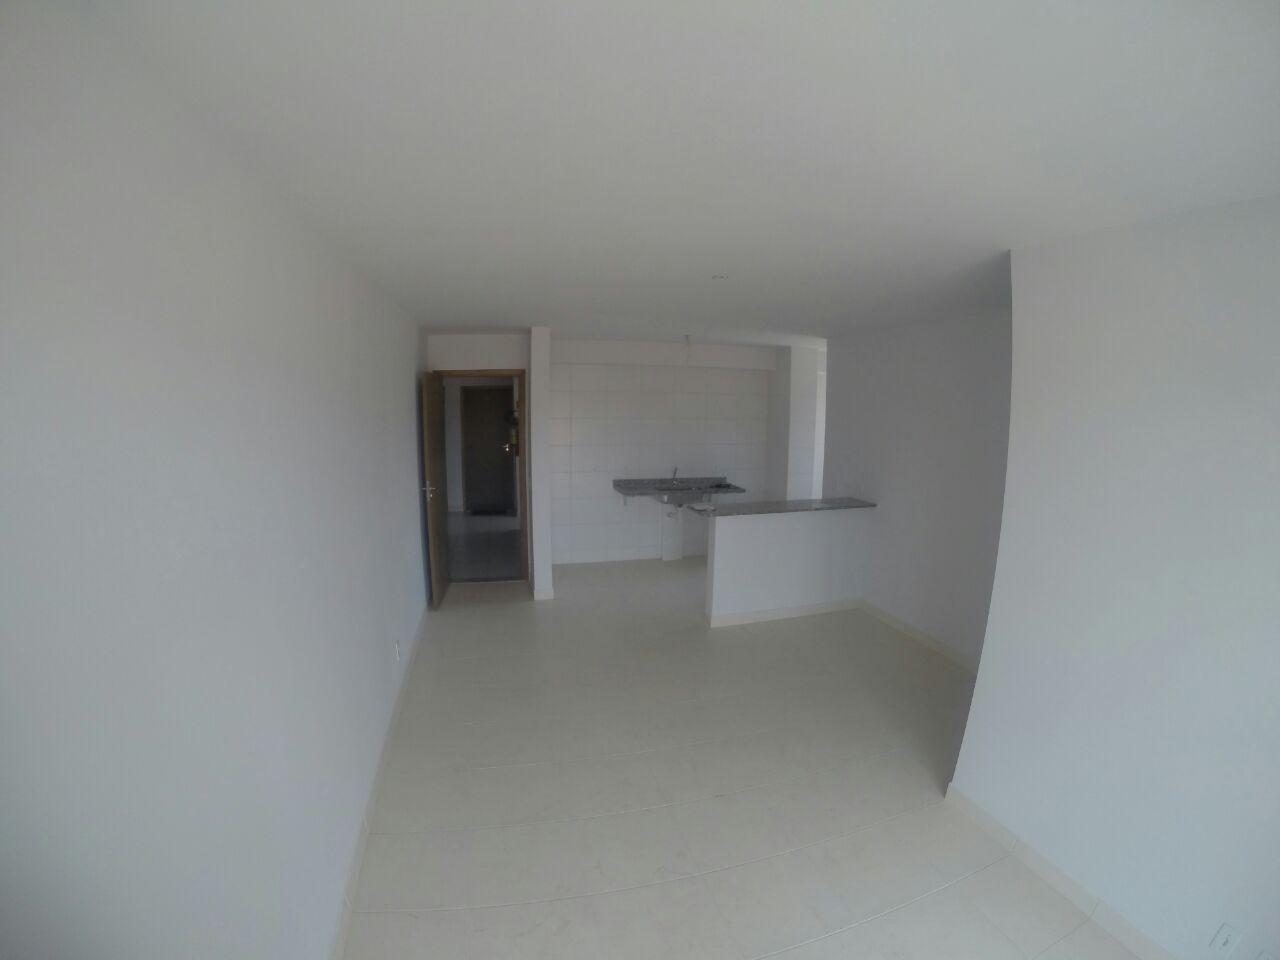 Venda De Im Veis Em Goi Nia Apartamento 3 Quartos No Residencial